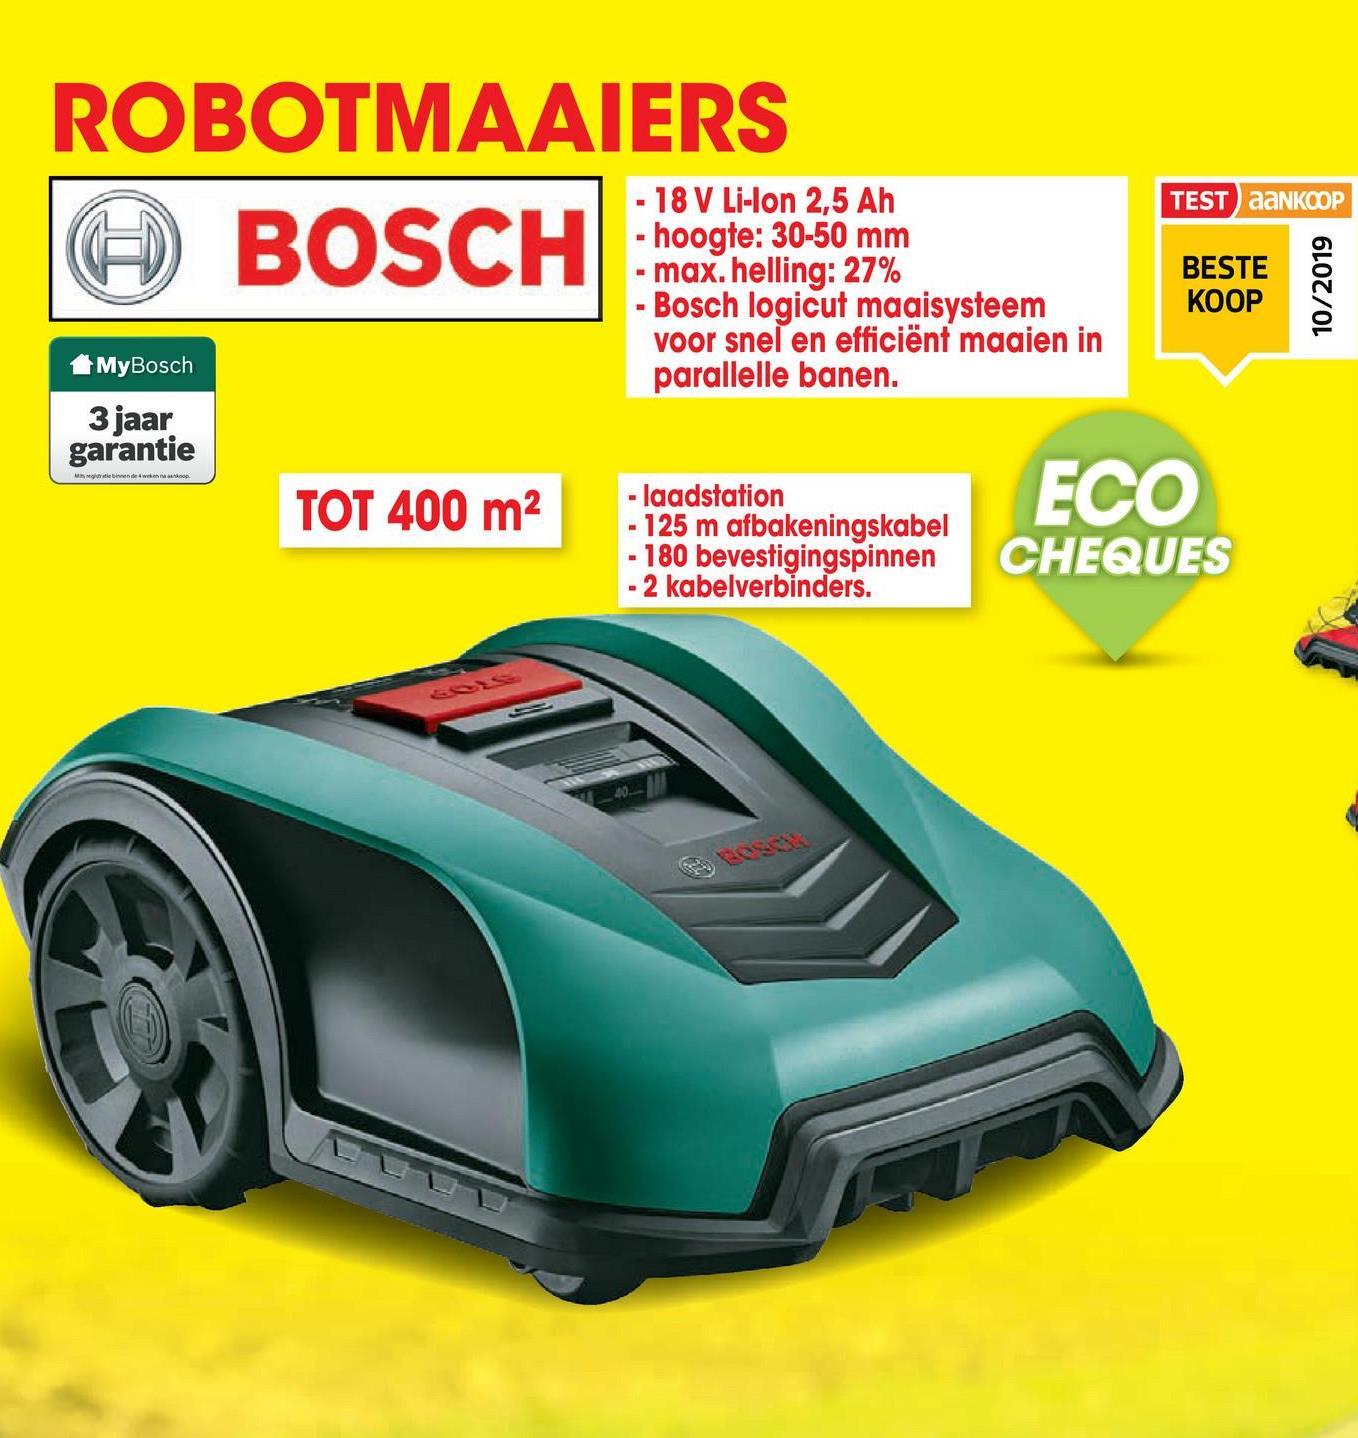 Robotmaaier Indego 400 De robotmaaier Indego 400 van Bosch is uitgerust met een mulchsysteem zodat het gemaaide gras gelijkmatig verdeeld wordt om zo voor een goed bemestingseffect en een gezond gazon te zorgen.Na het in kaart brengen van je gazon adviseert de Indego, met behulp van de Auto Calendar functie, een schema dat geschikt is voor de grootte van je gazon. Met Logicut kent de Indego de vorm en de grootte van het gazon, berekent zo de meest efficiënte maairoute en onthoudt waar hij al heeft gemaaid. De maaistrategie met evenwijdige lijnen varieert de richting van de banen met elke nieuwe maaisessie om het gras niet te overbelasten.De gebruiker is geen tijd meer kwijt met het maaien van het gazon. De Indego werkt na installatie volledig zelfstandig. De maaier gaat vanzelf terug naar het basisstation om op te laden en manoeuvreert rond obstakels. Diverse sensoren detecteren obstakels en bewegen eromheen, daarna gaat de machine verder met maaien op de berekende route. De Indego onthoudt de maaisessie waardoor je het reeds gemaaide gazon kan gebruiken, terwijl de Indego de rest maait.De robotmaaier Indego 400 wordt geleverd met een basisstation, basisstation schroeven, 180 bevestigingspinnen, 125m begrenzingsdraad, een voedingseenheid en 2 draadverbinders.<ul><li>Intuïtieve programmering en eenvoudige bediening</li><li>Kan hellingen tot 27% aan</li><li>Minimaal stroomverbruik, minder lawaai en minder luchtvervuiling</li><li>Laadtijd accu: 45 min</li><li>Looptijd accu: 30 min</li></ul>